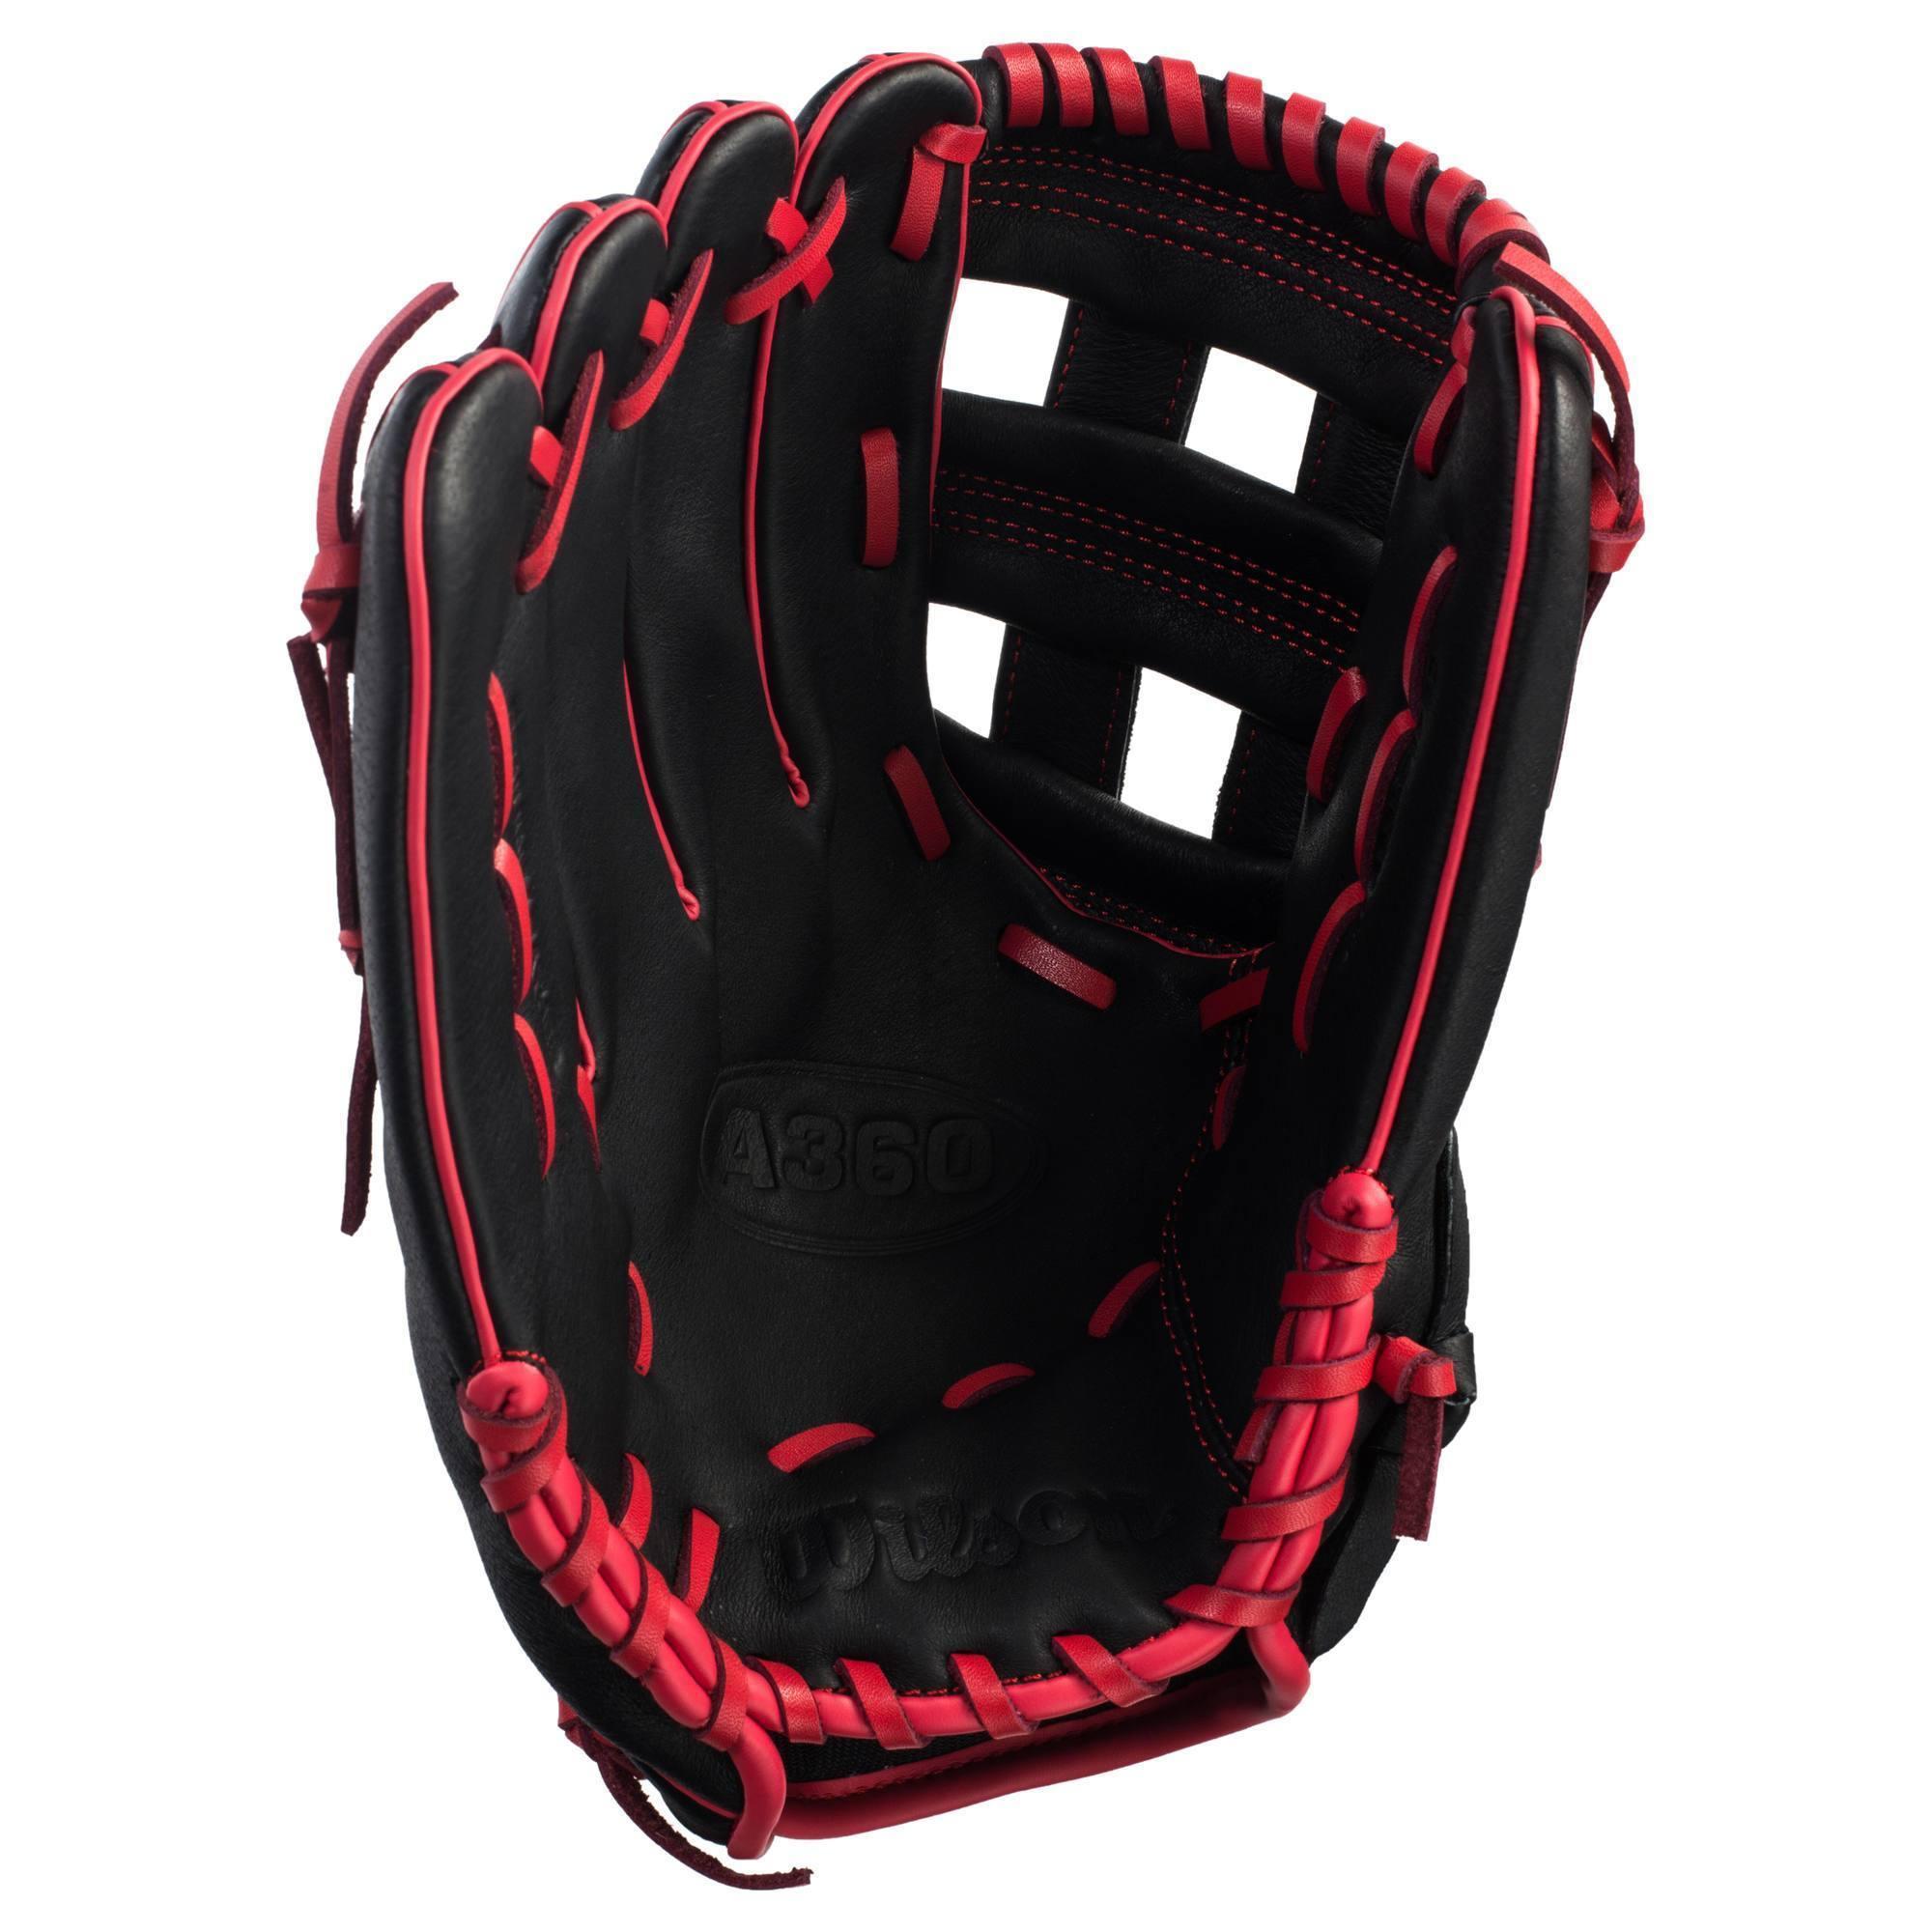 gant de baseball a360 main droite 12 pouces noir rouge. Black Bedroom Furniture Sets. Home Design Ideas